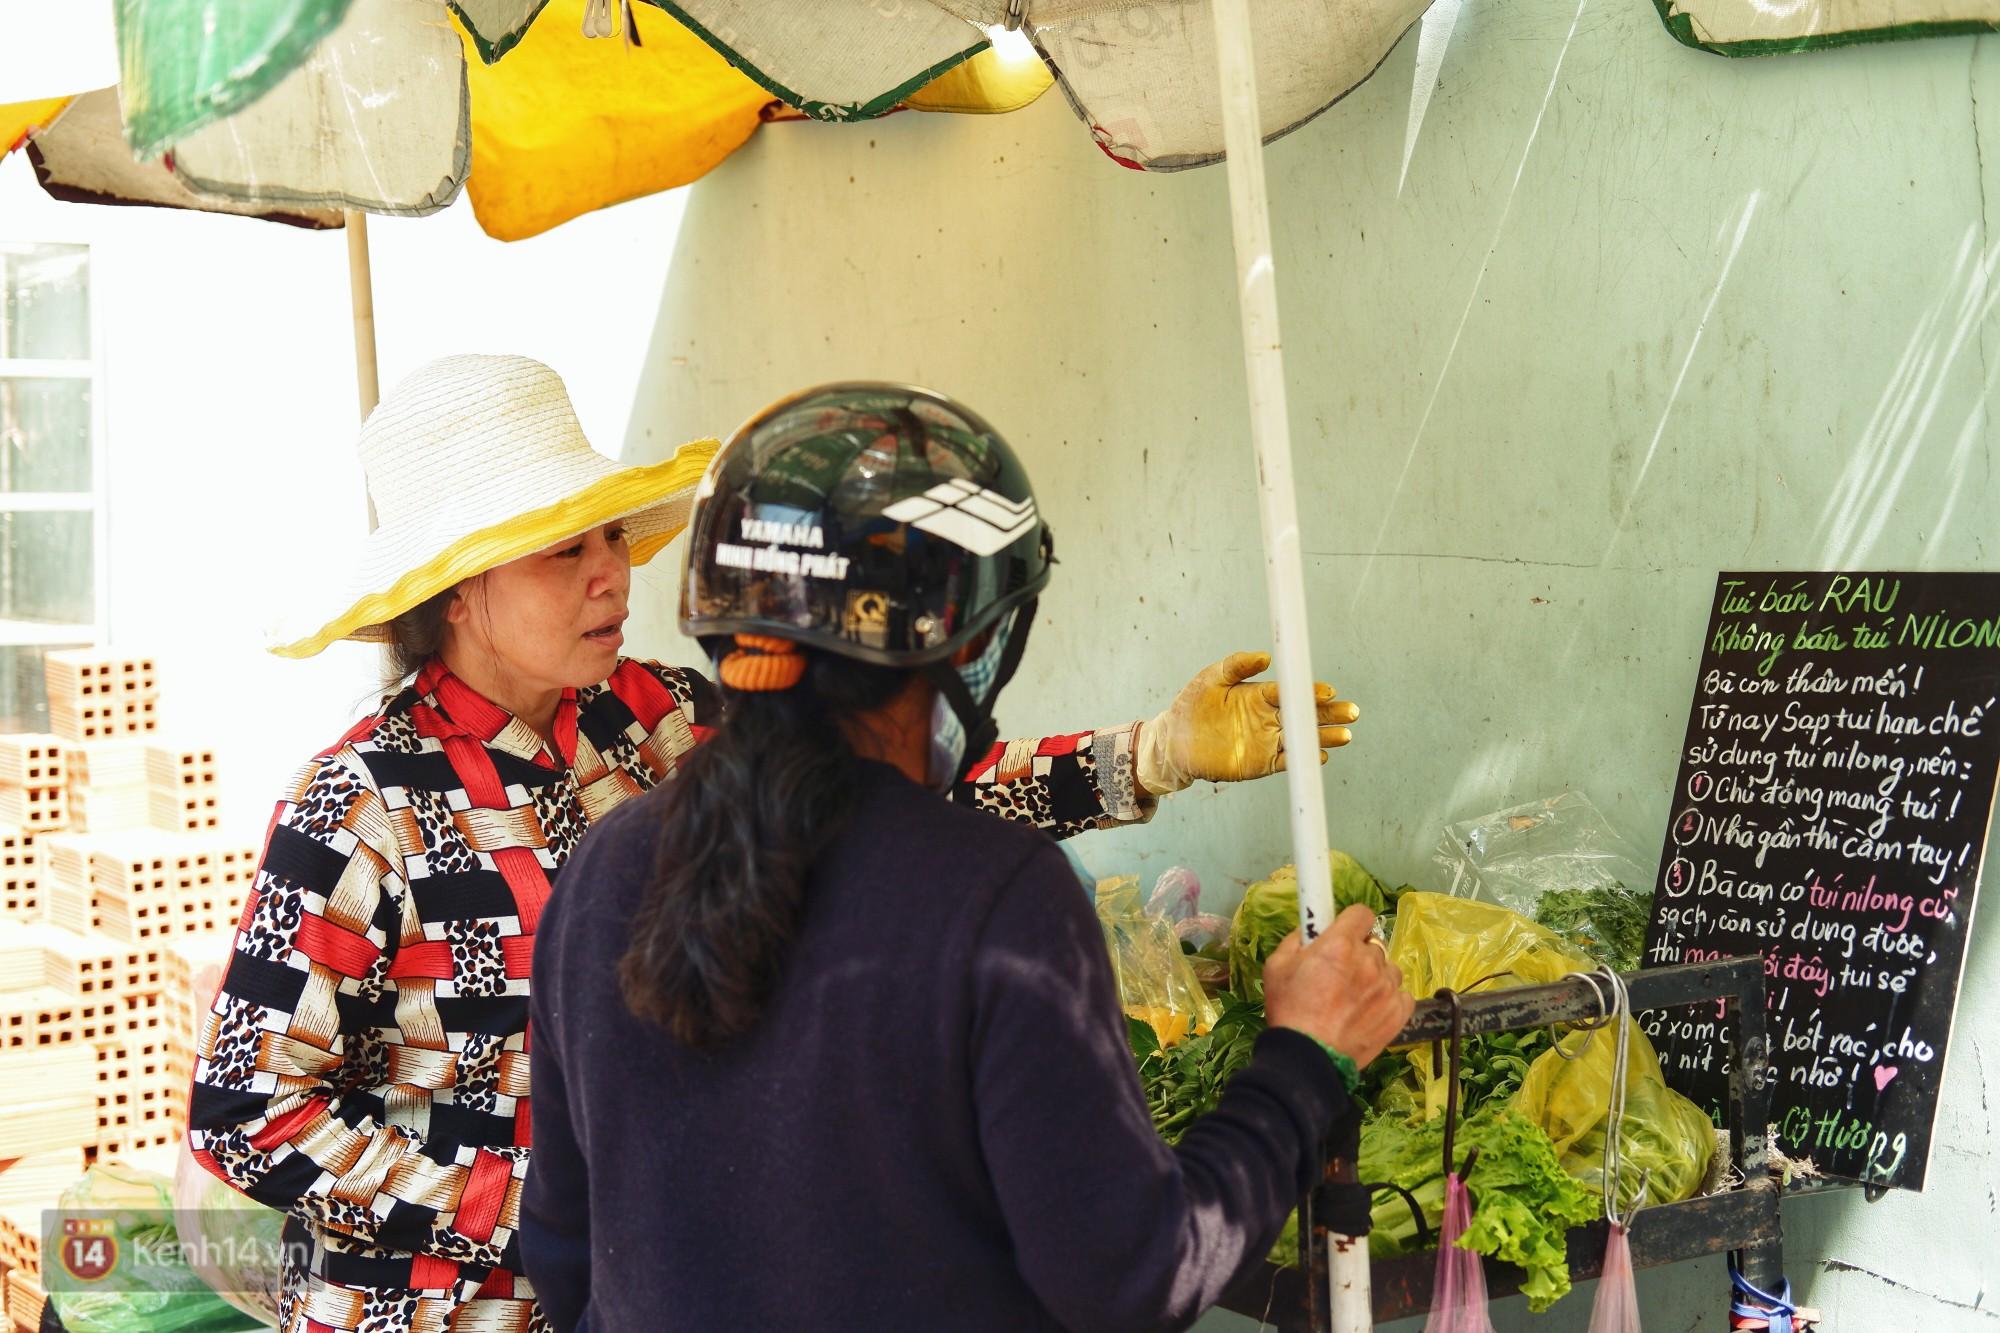 Gặp cô bán rau vui tính ở Sài Gòn với tấm bảng không bán túi nilon: Nhiều khách bảo cô làm trò xàm xí! - Ảnh 2.